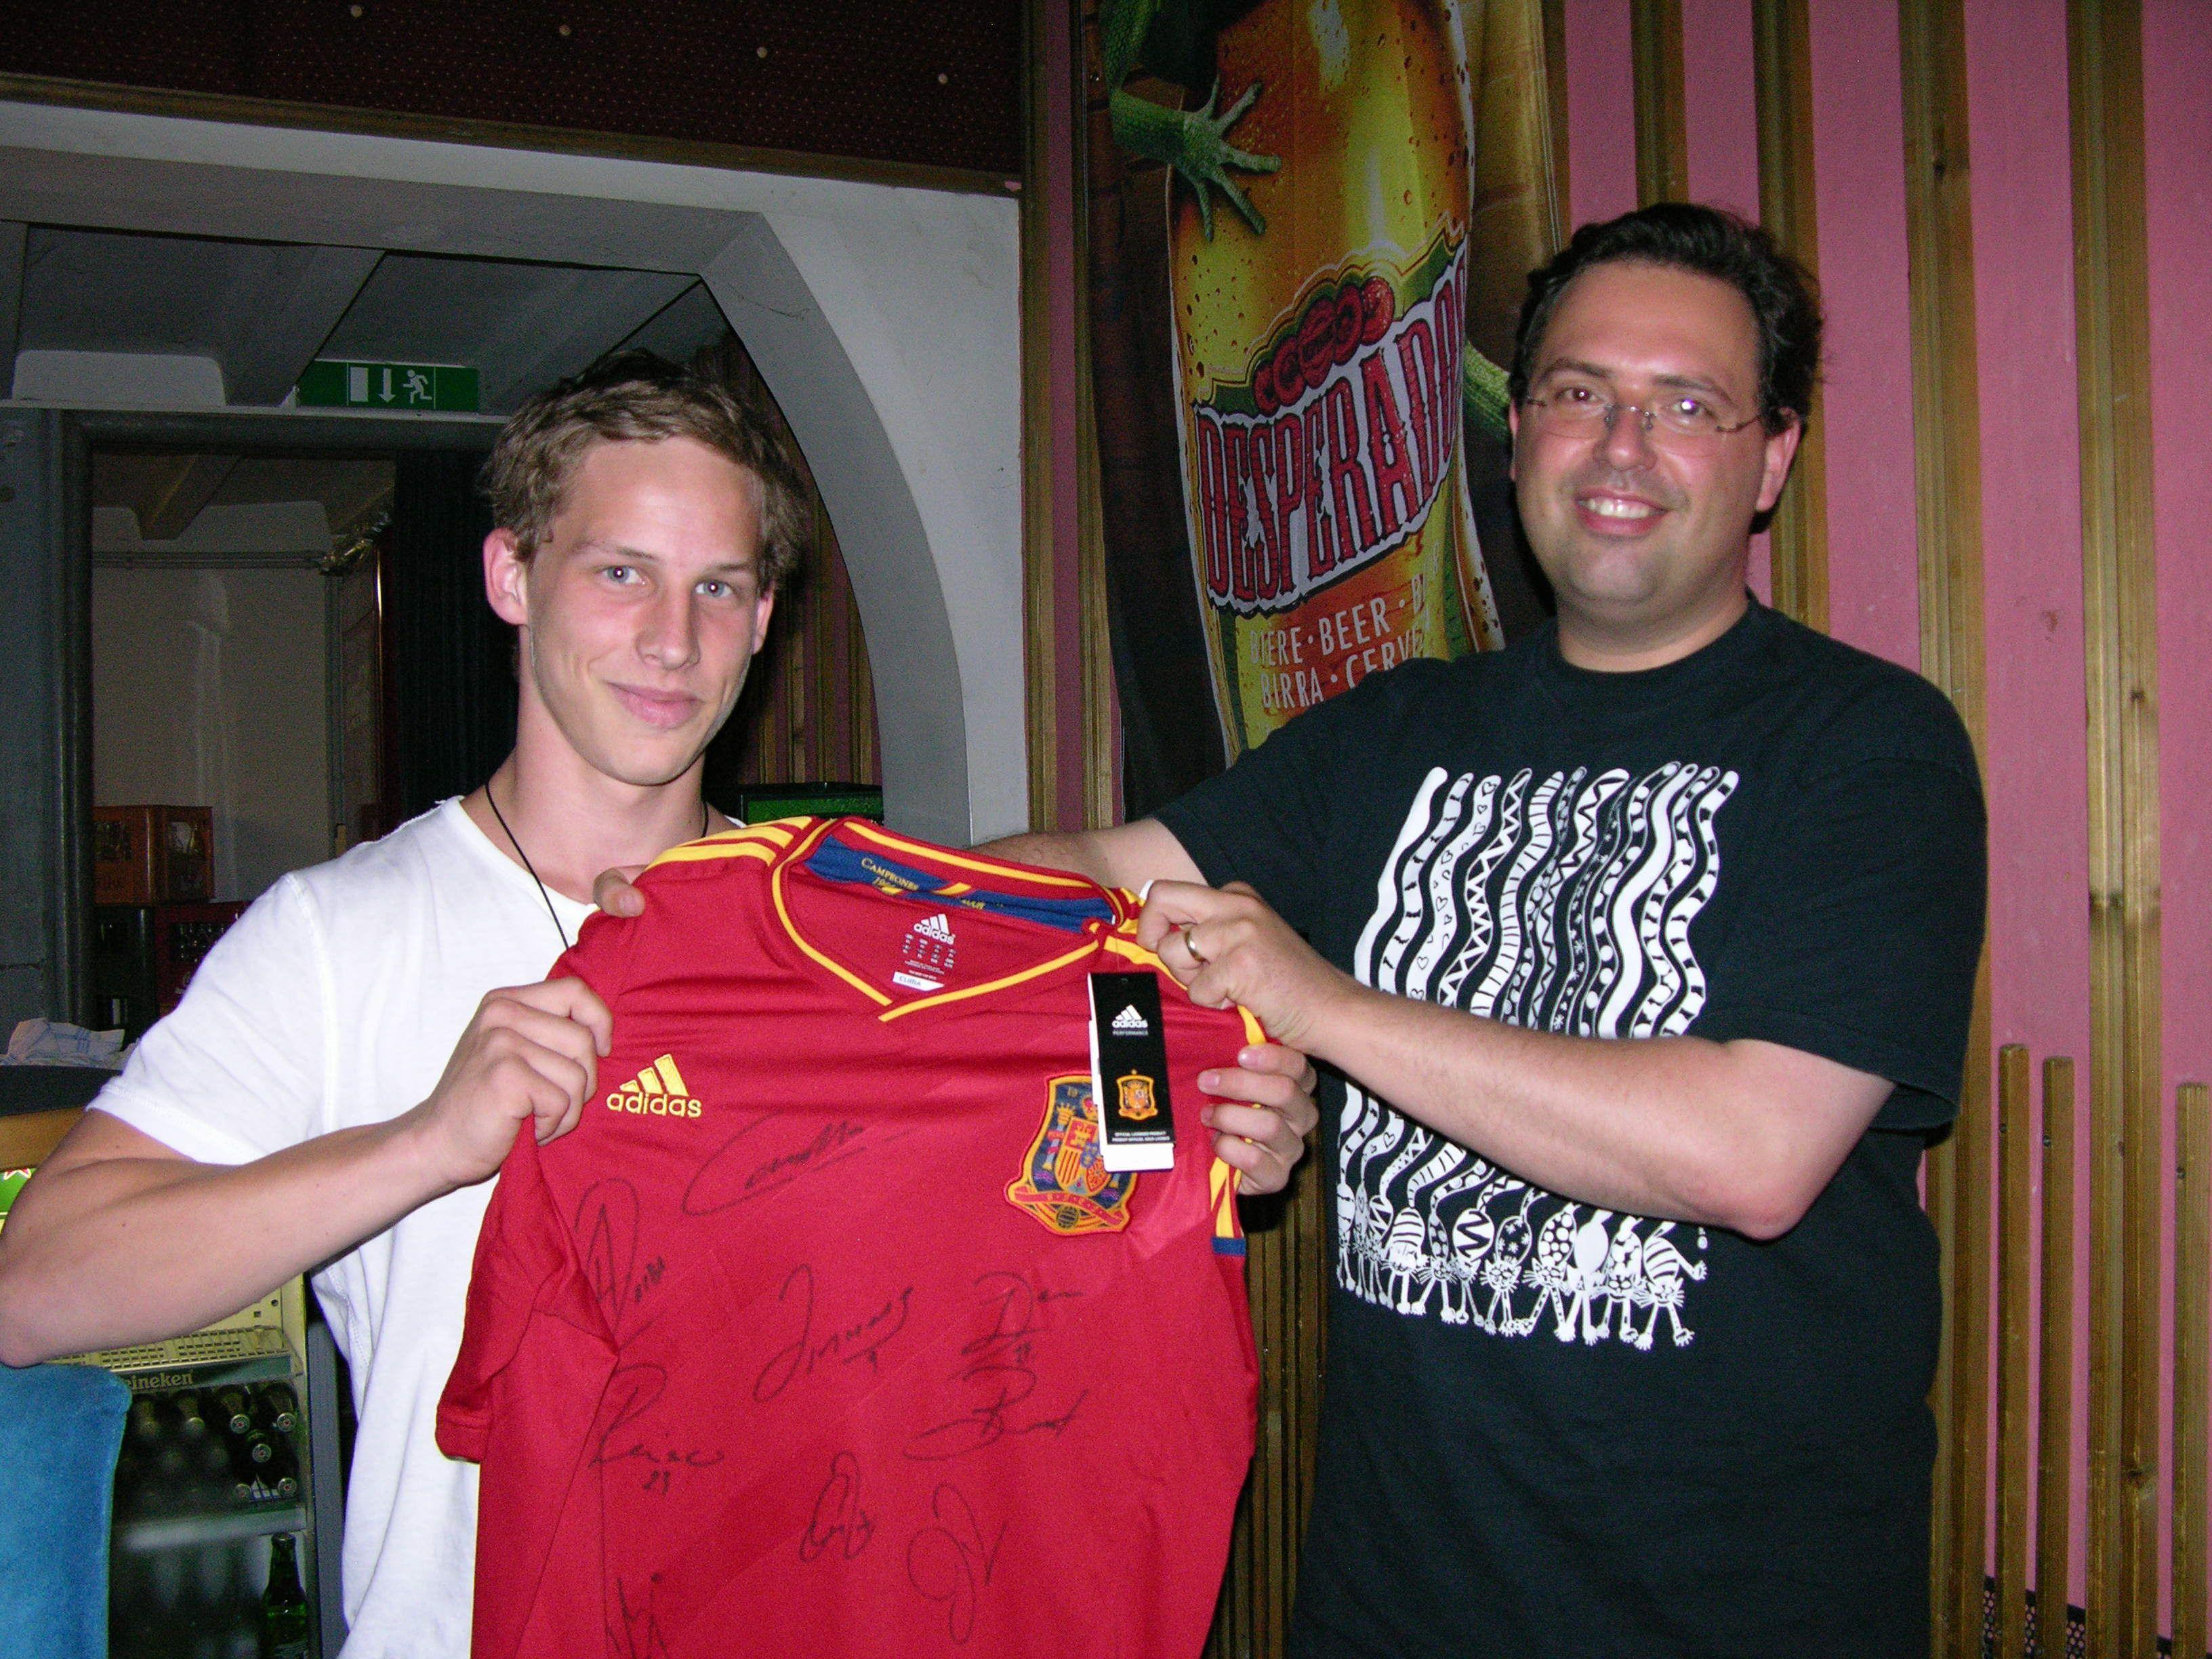 Der glückliche Gewinner mit dem signierten Dress.